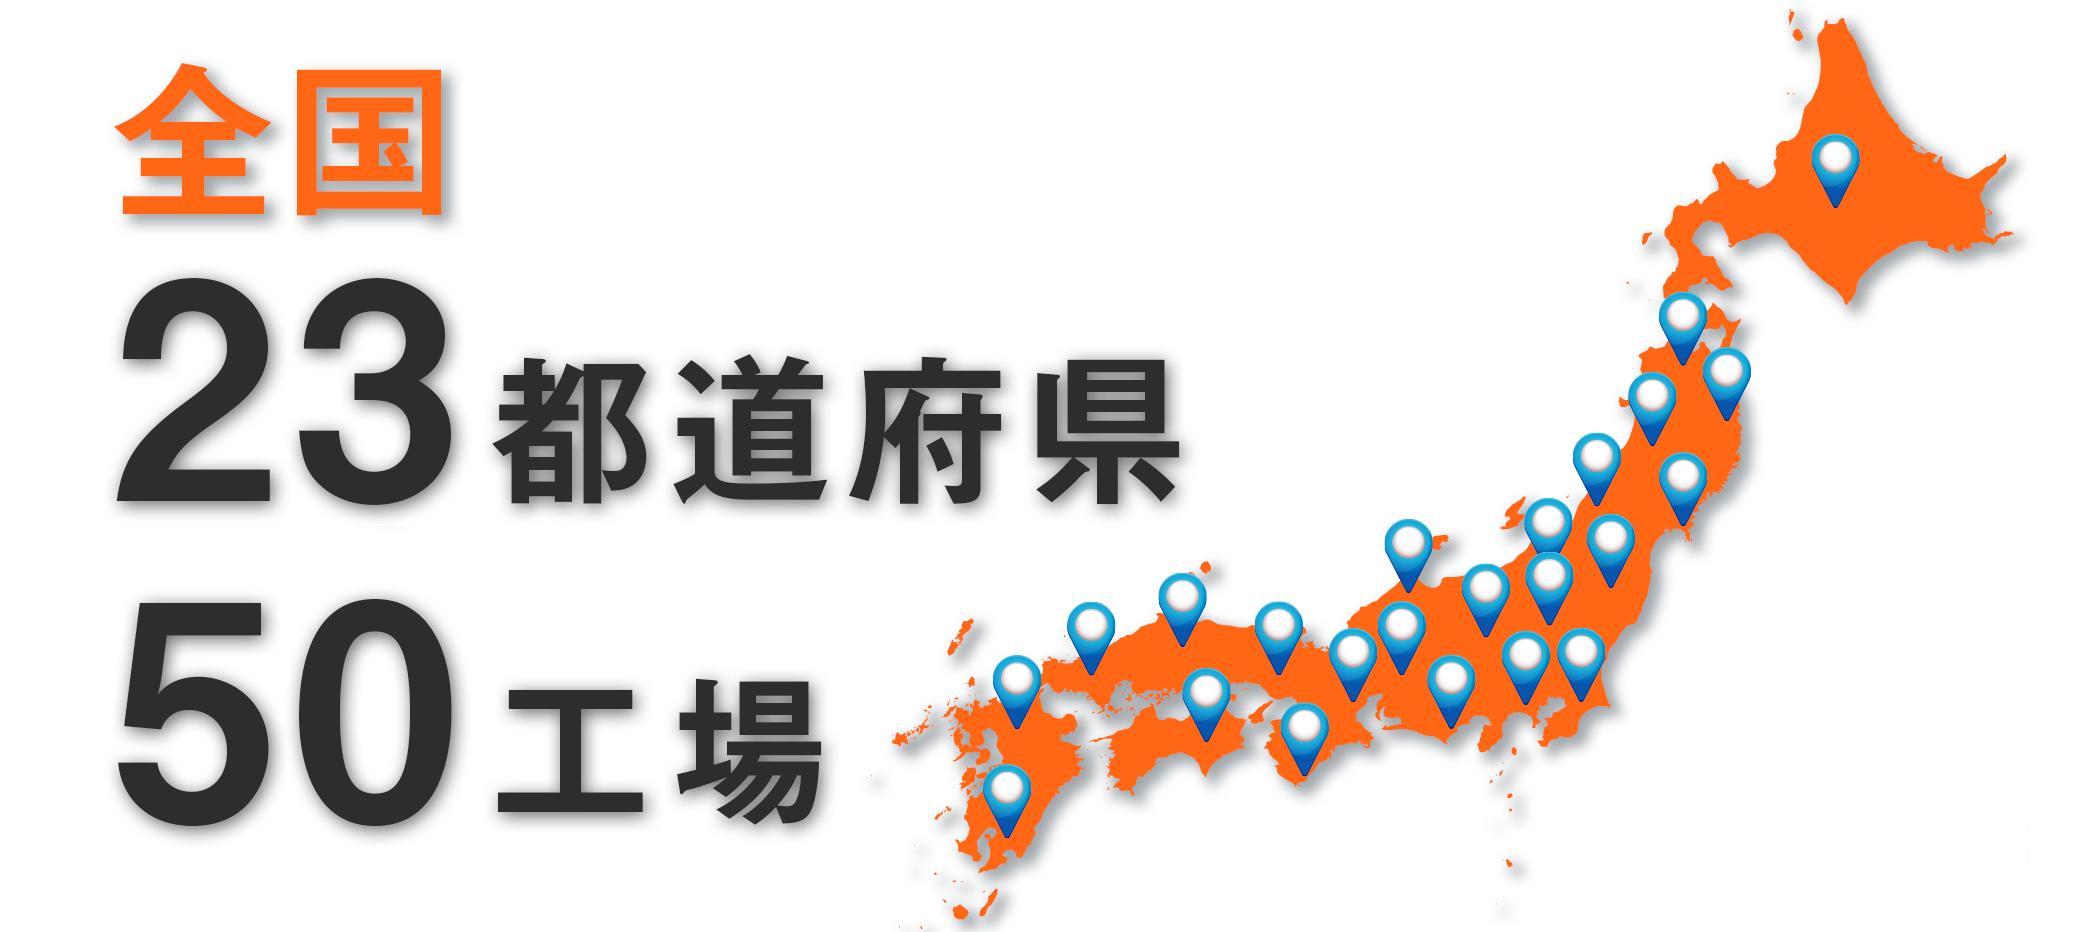 全国23都道府県50工場のネットワーク